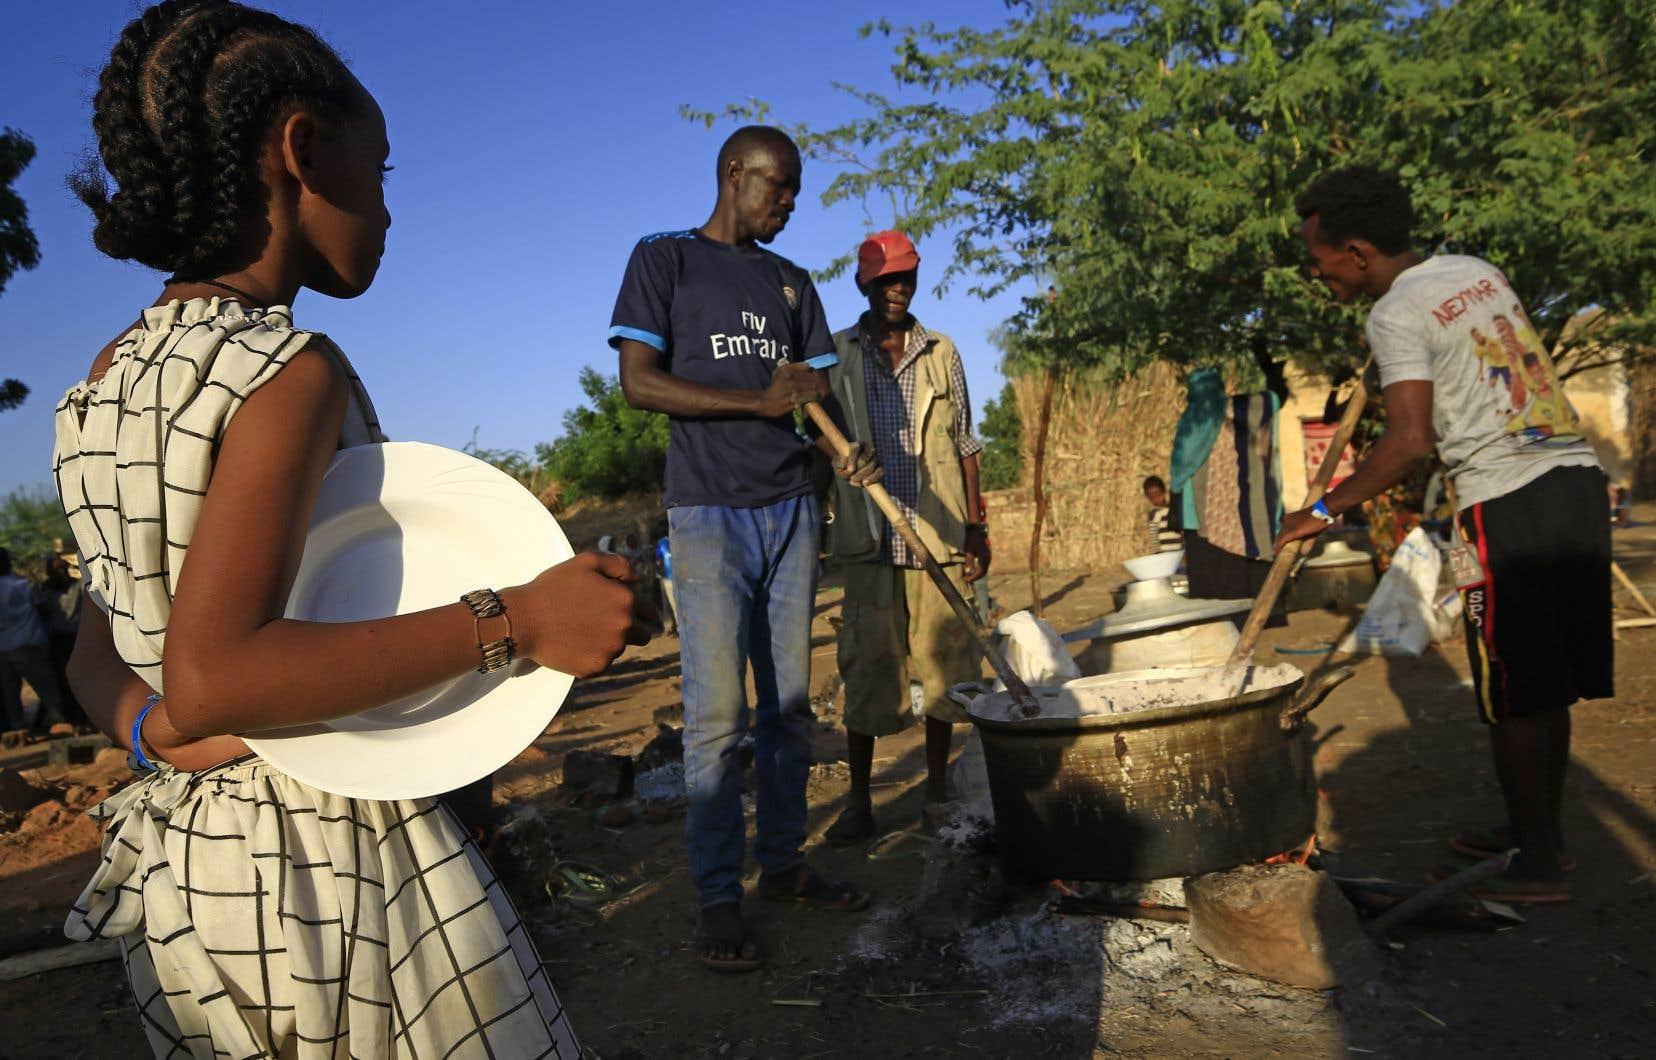 Quelque 65% des quelque 42millions d'habitants du Soudan vivent sous du seuil de pauvreté, selon les chiffres du gouvernement.